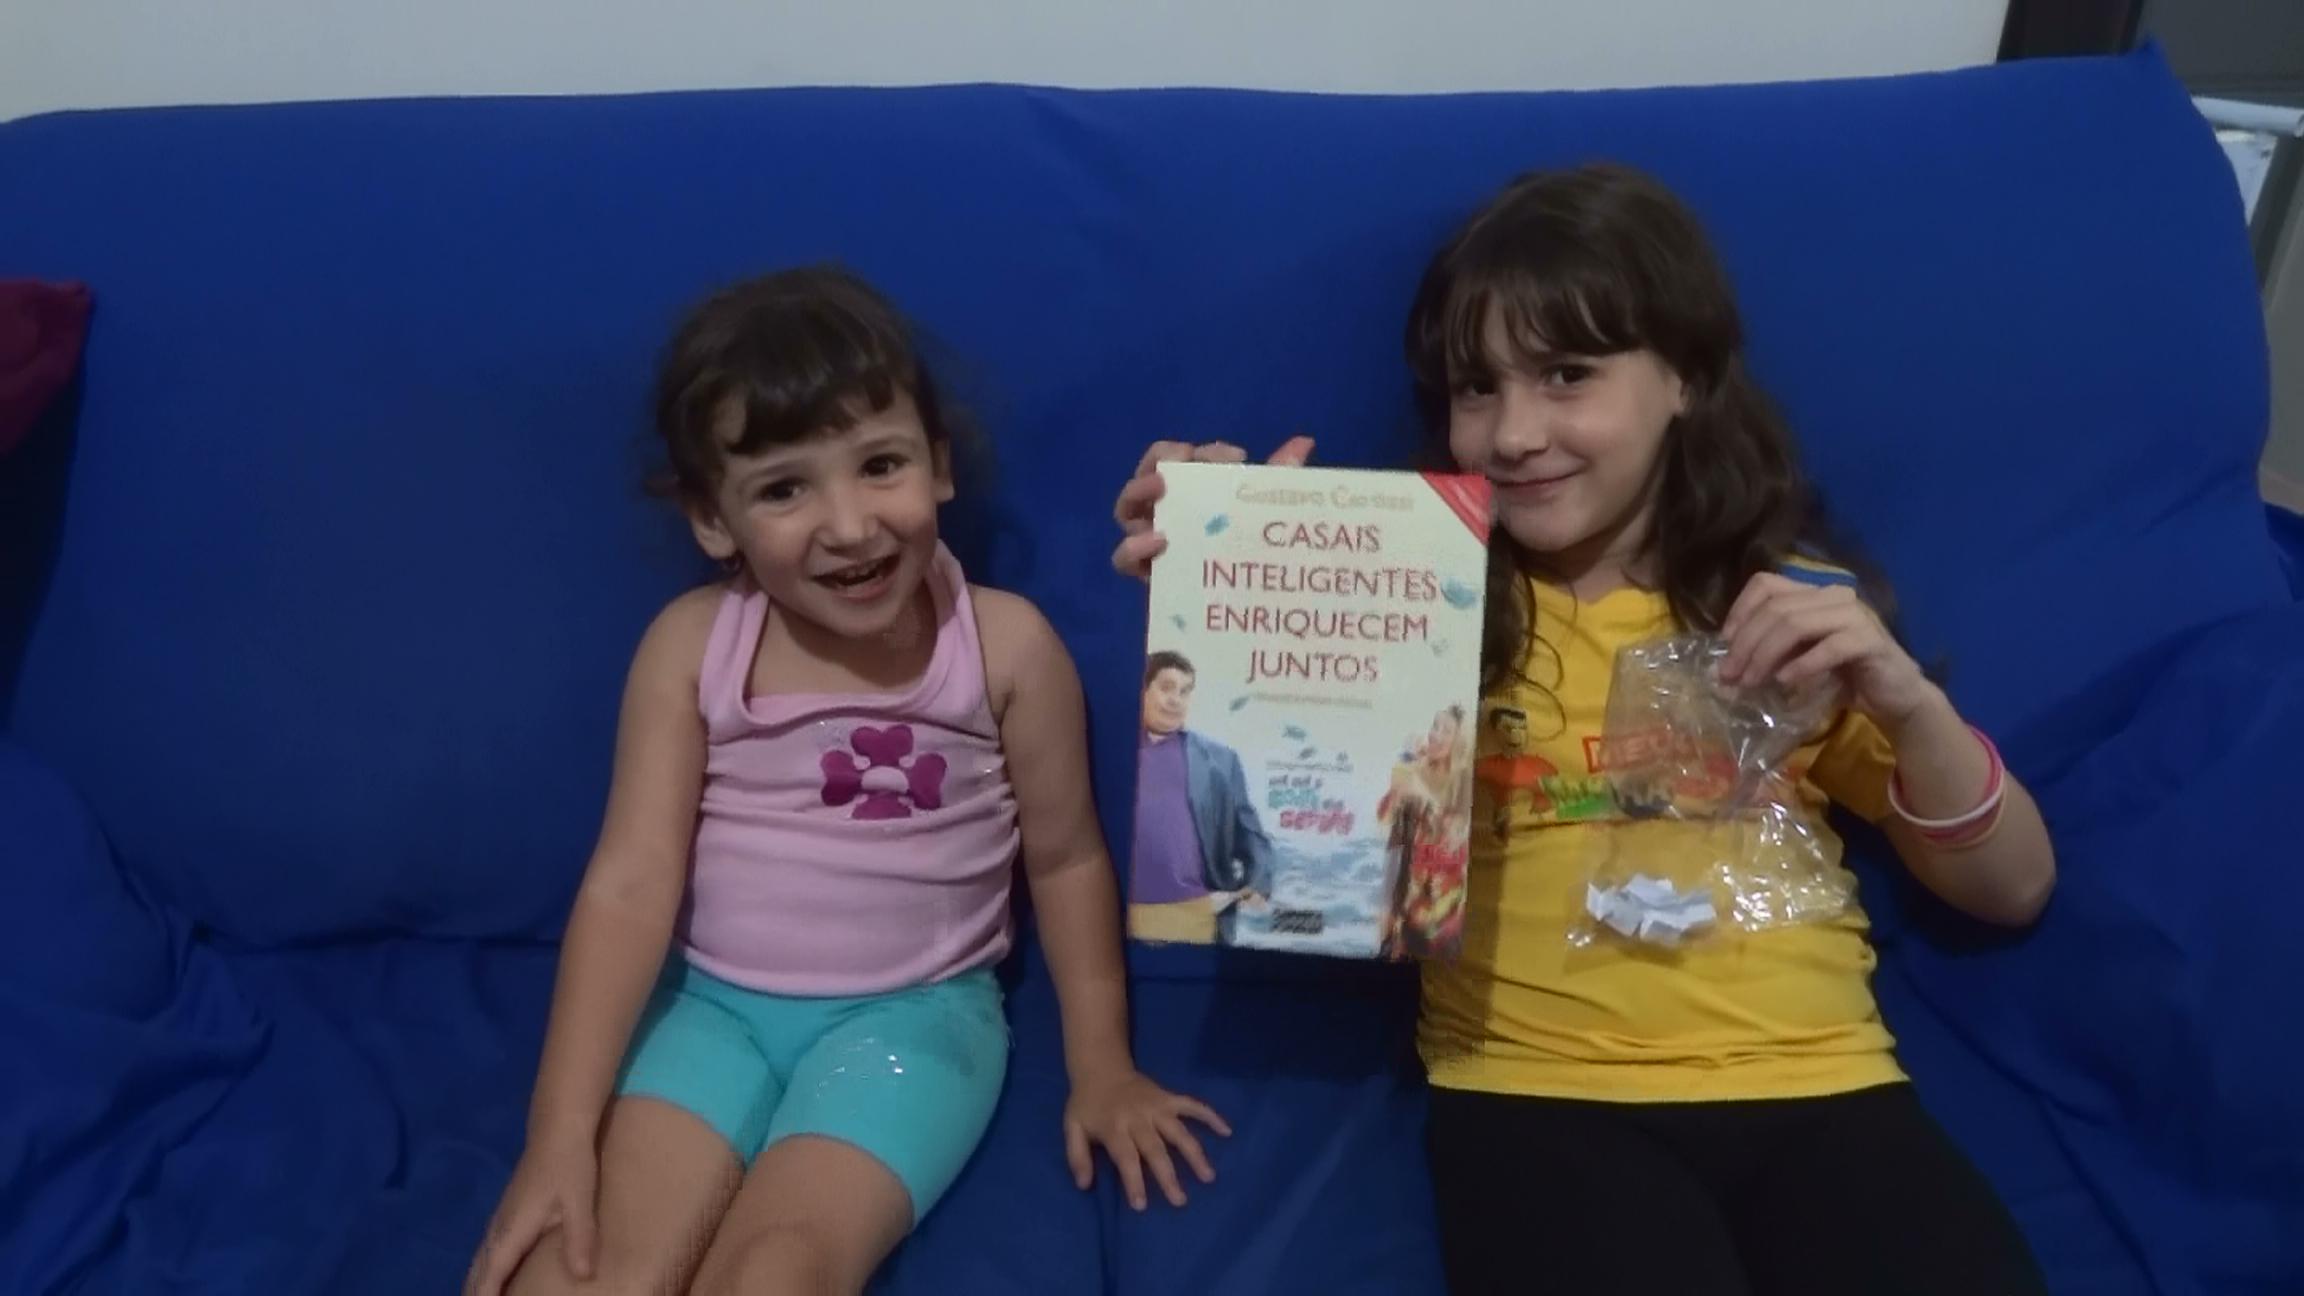 Amanda e Letícia mostrando o livro sorteado